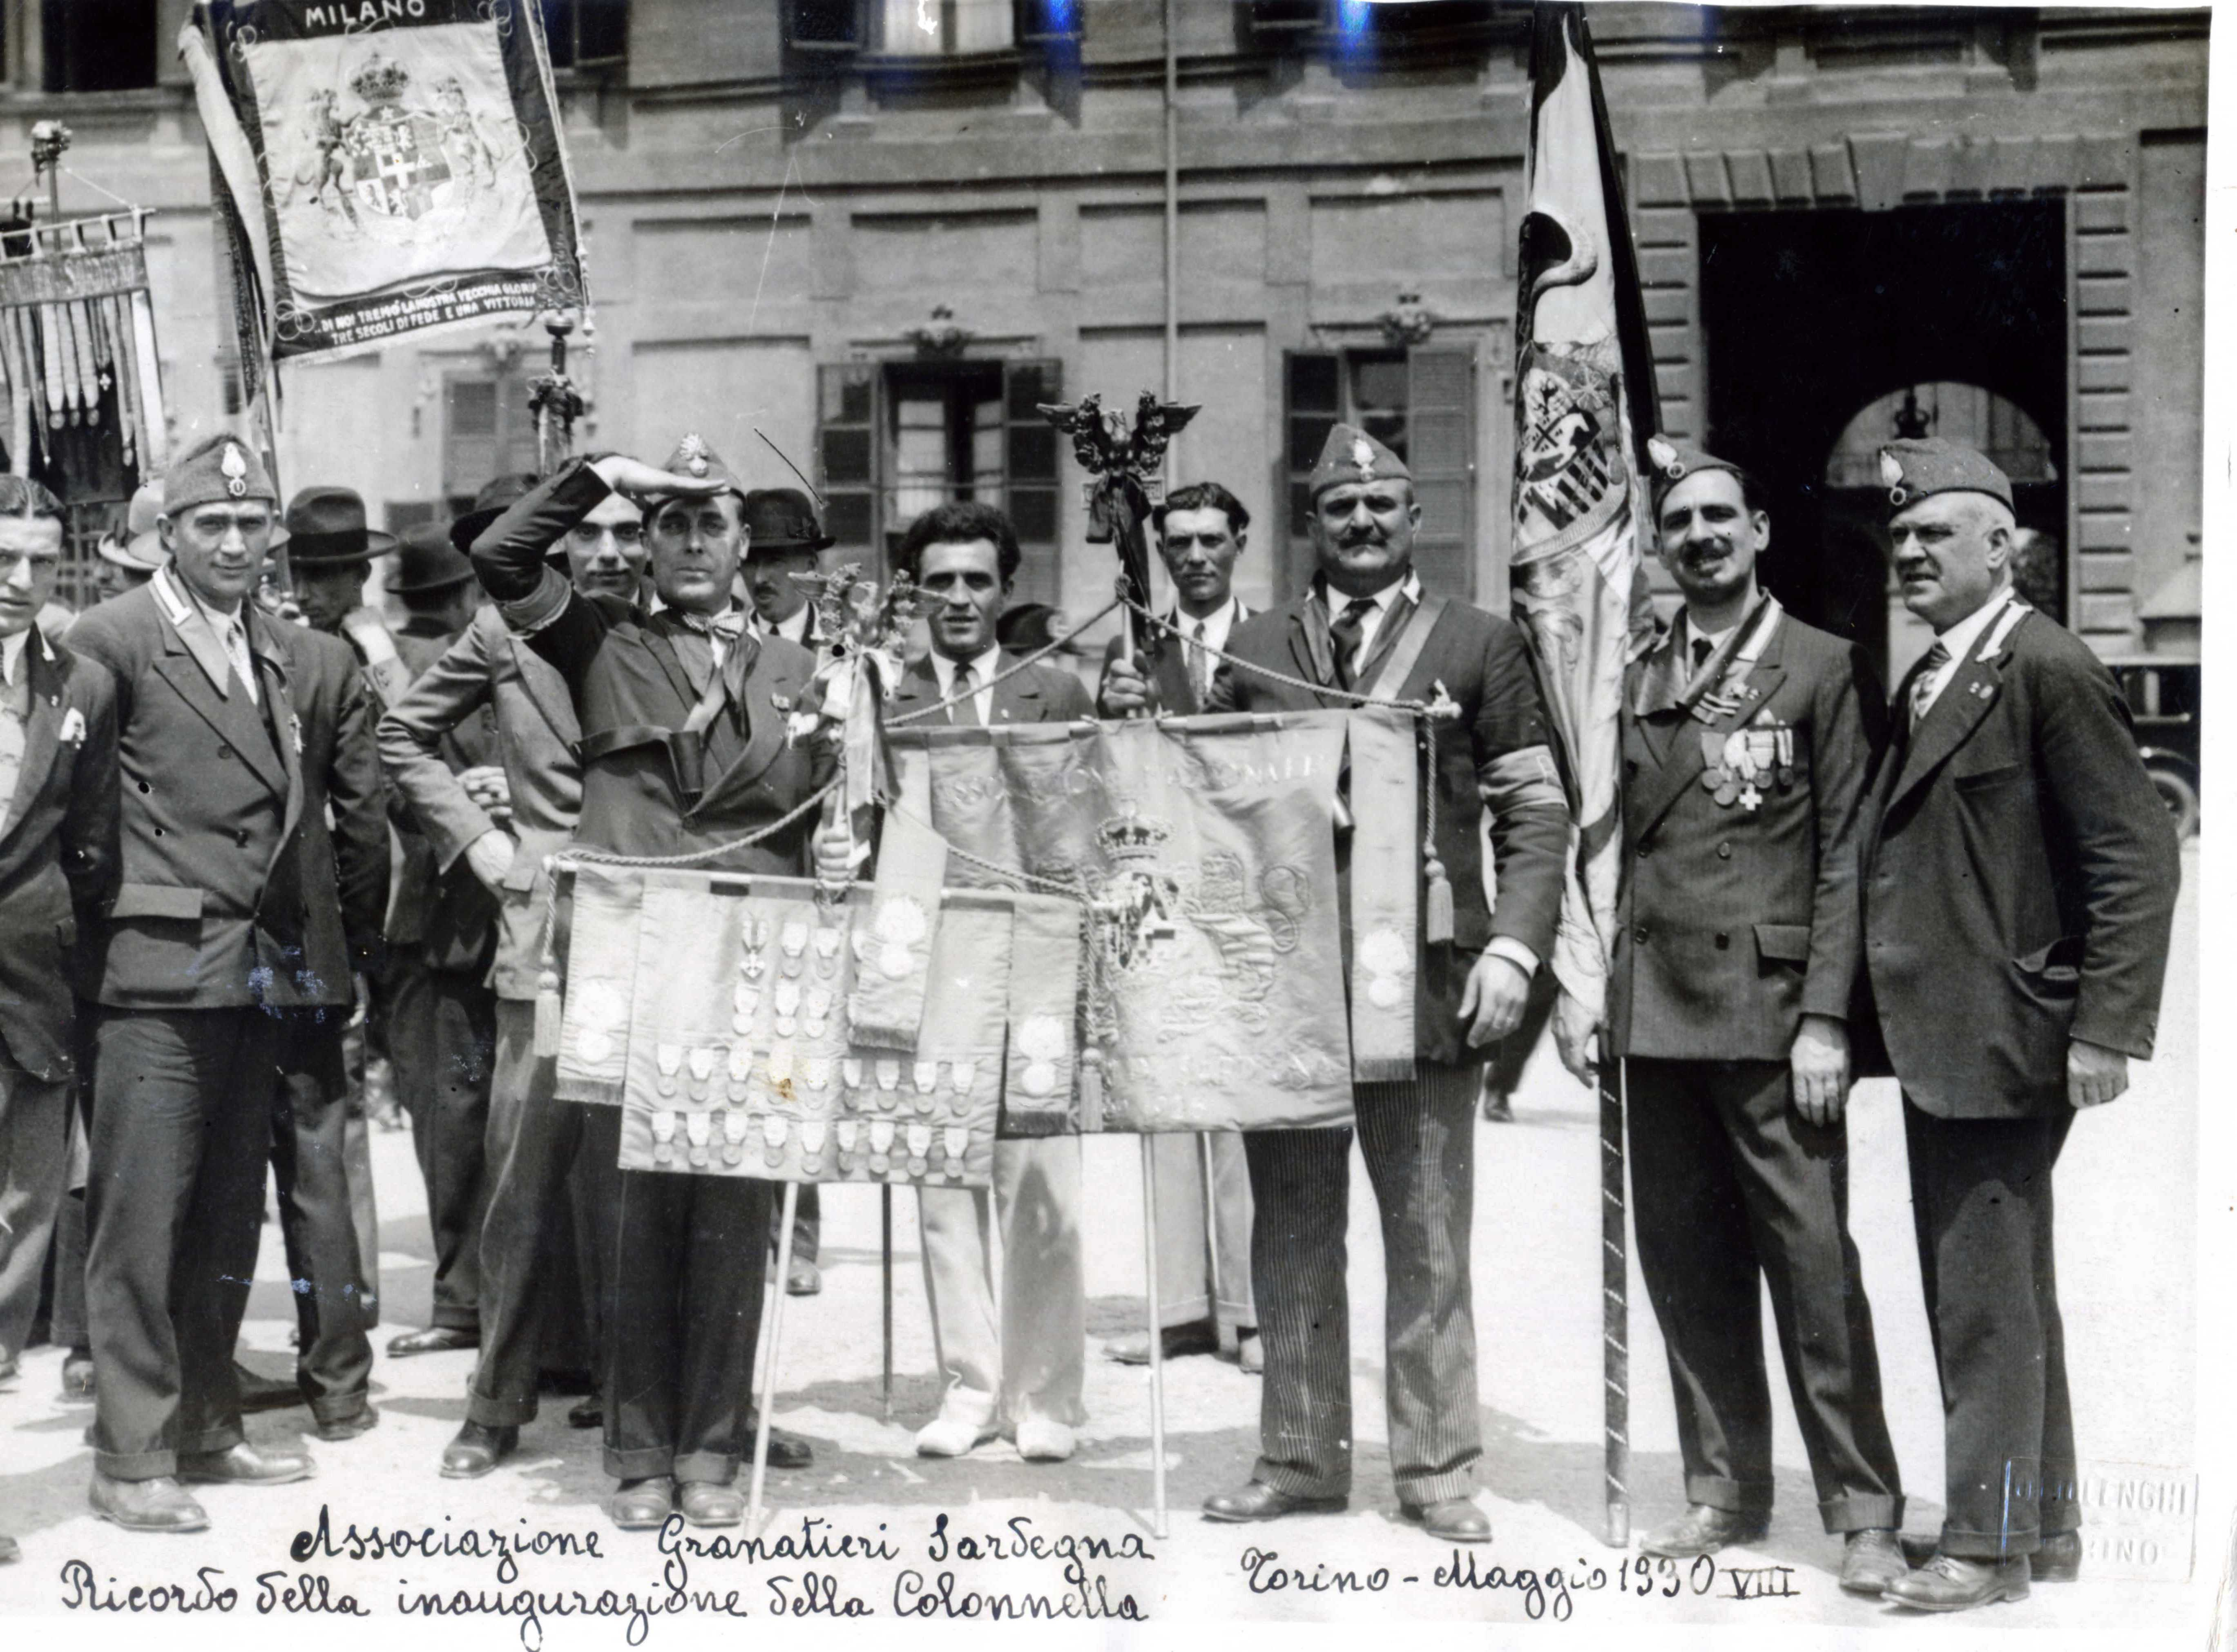 Inaugurazione Sezione Angs di Torino 1930